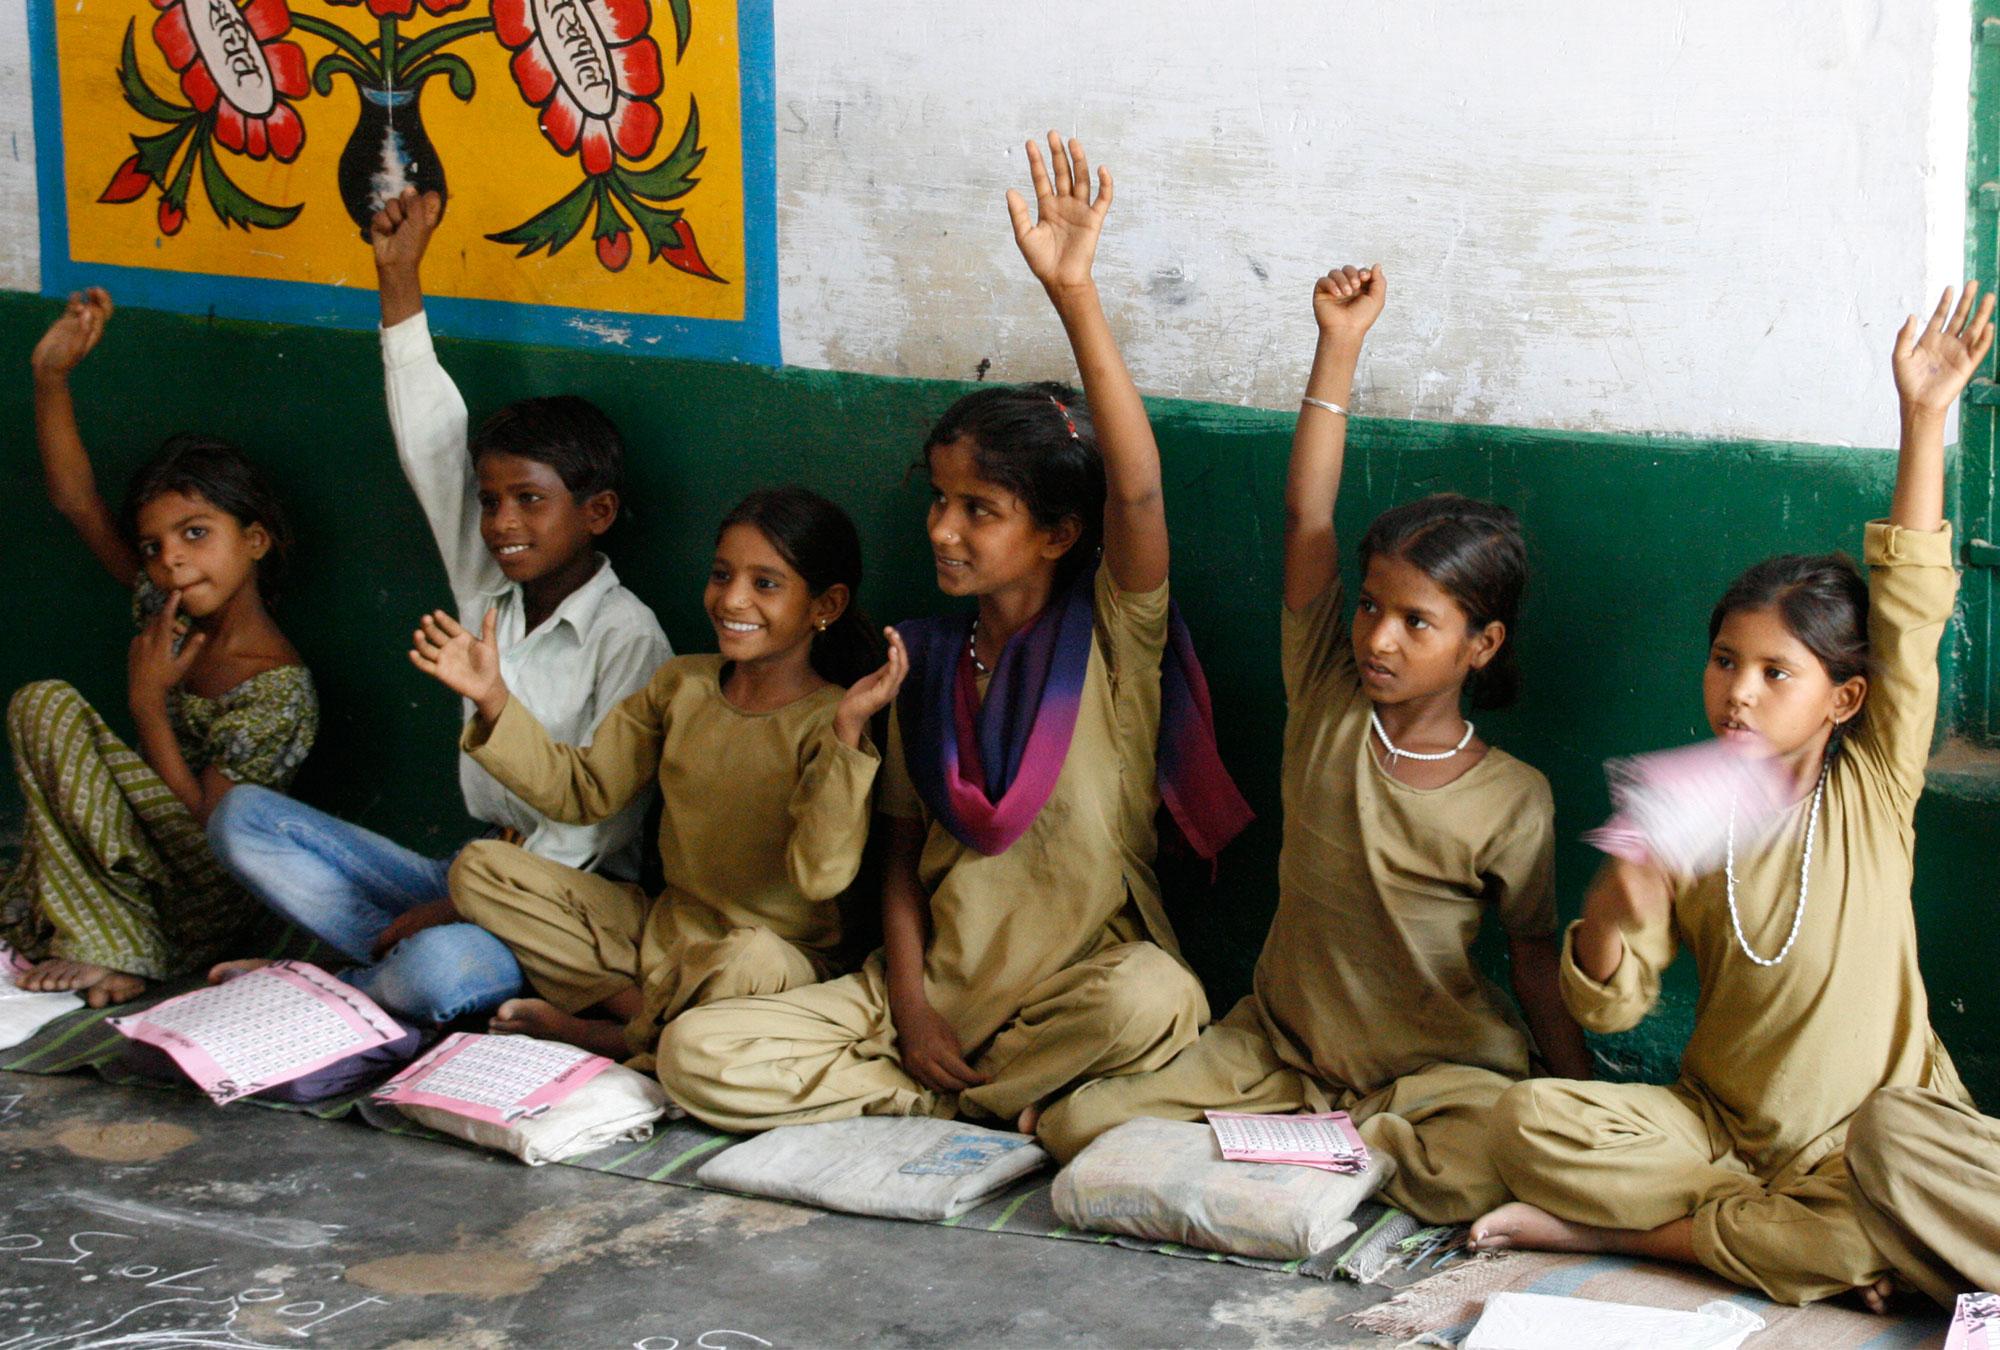 Schoolchildren in India raise their hands